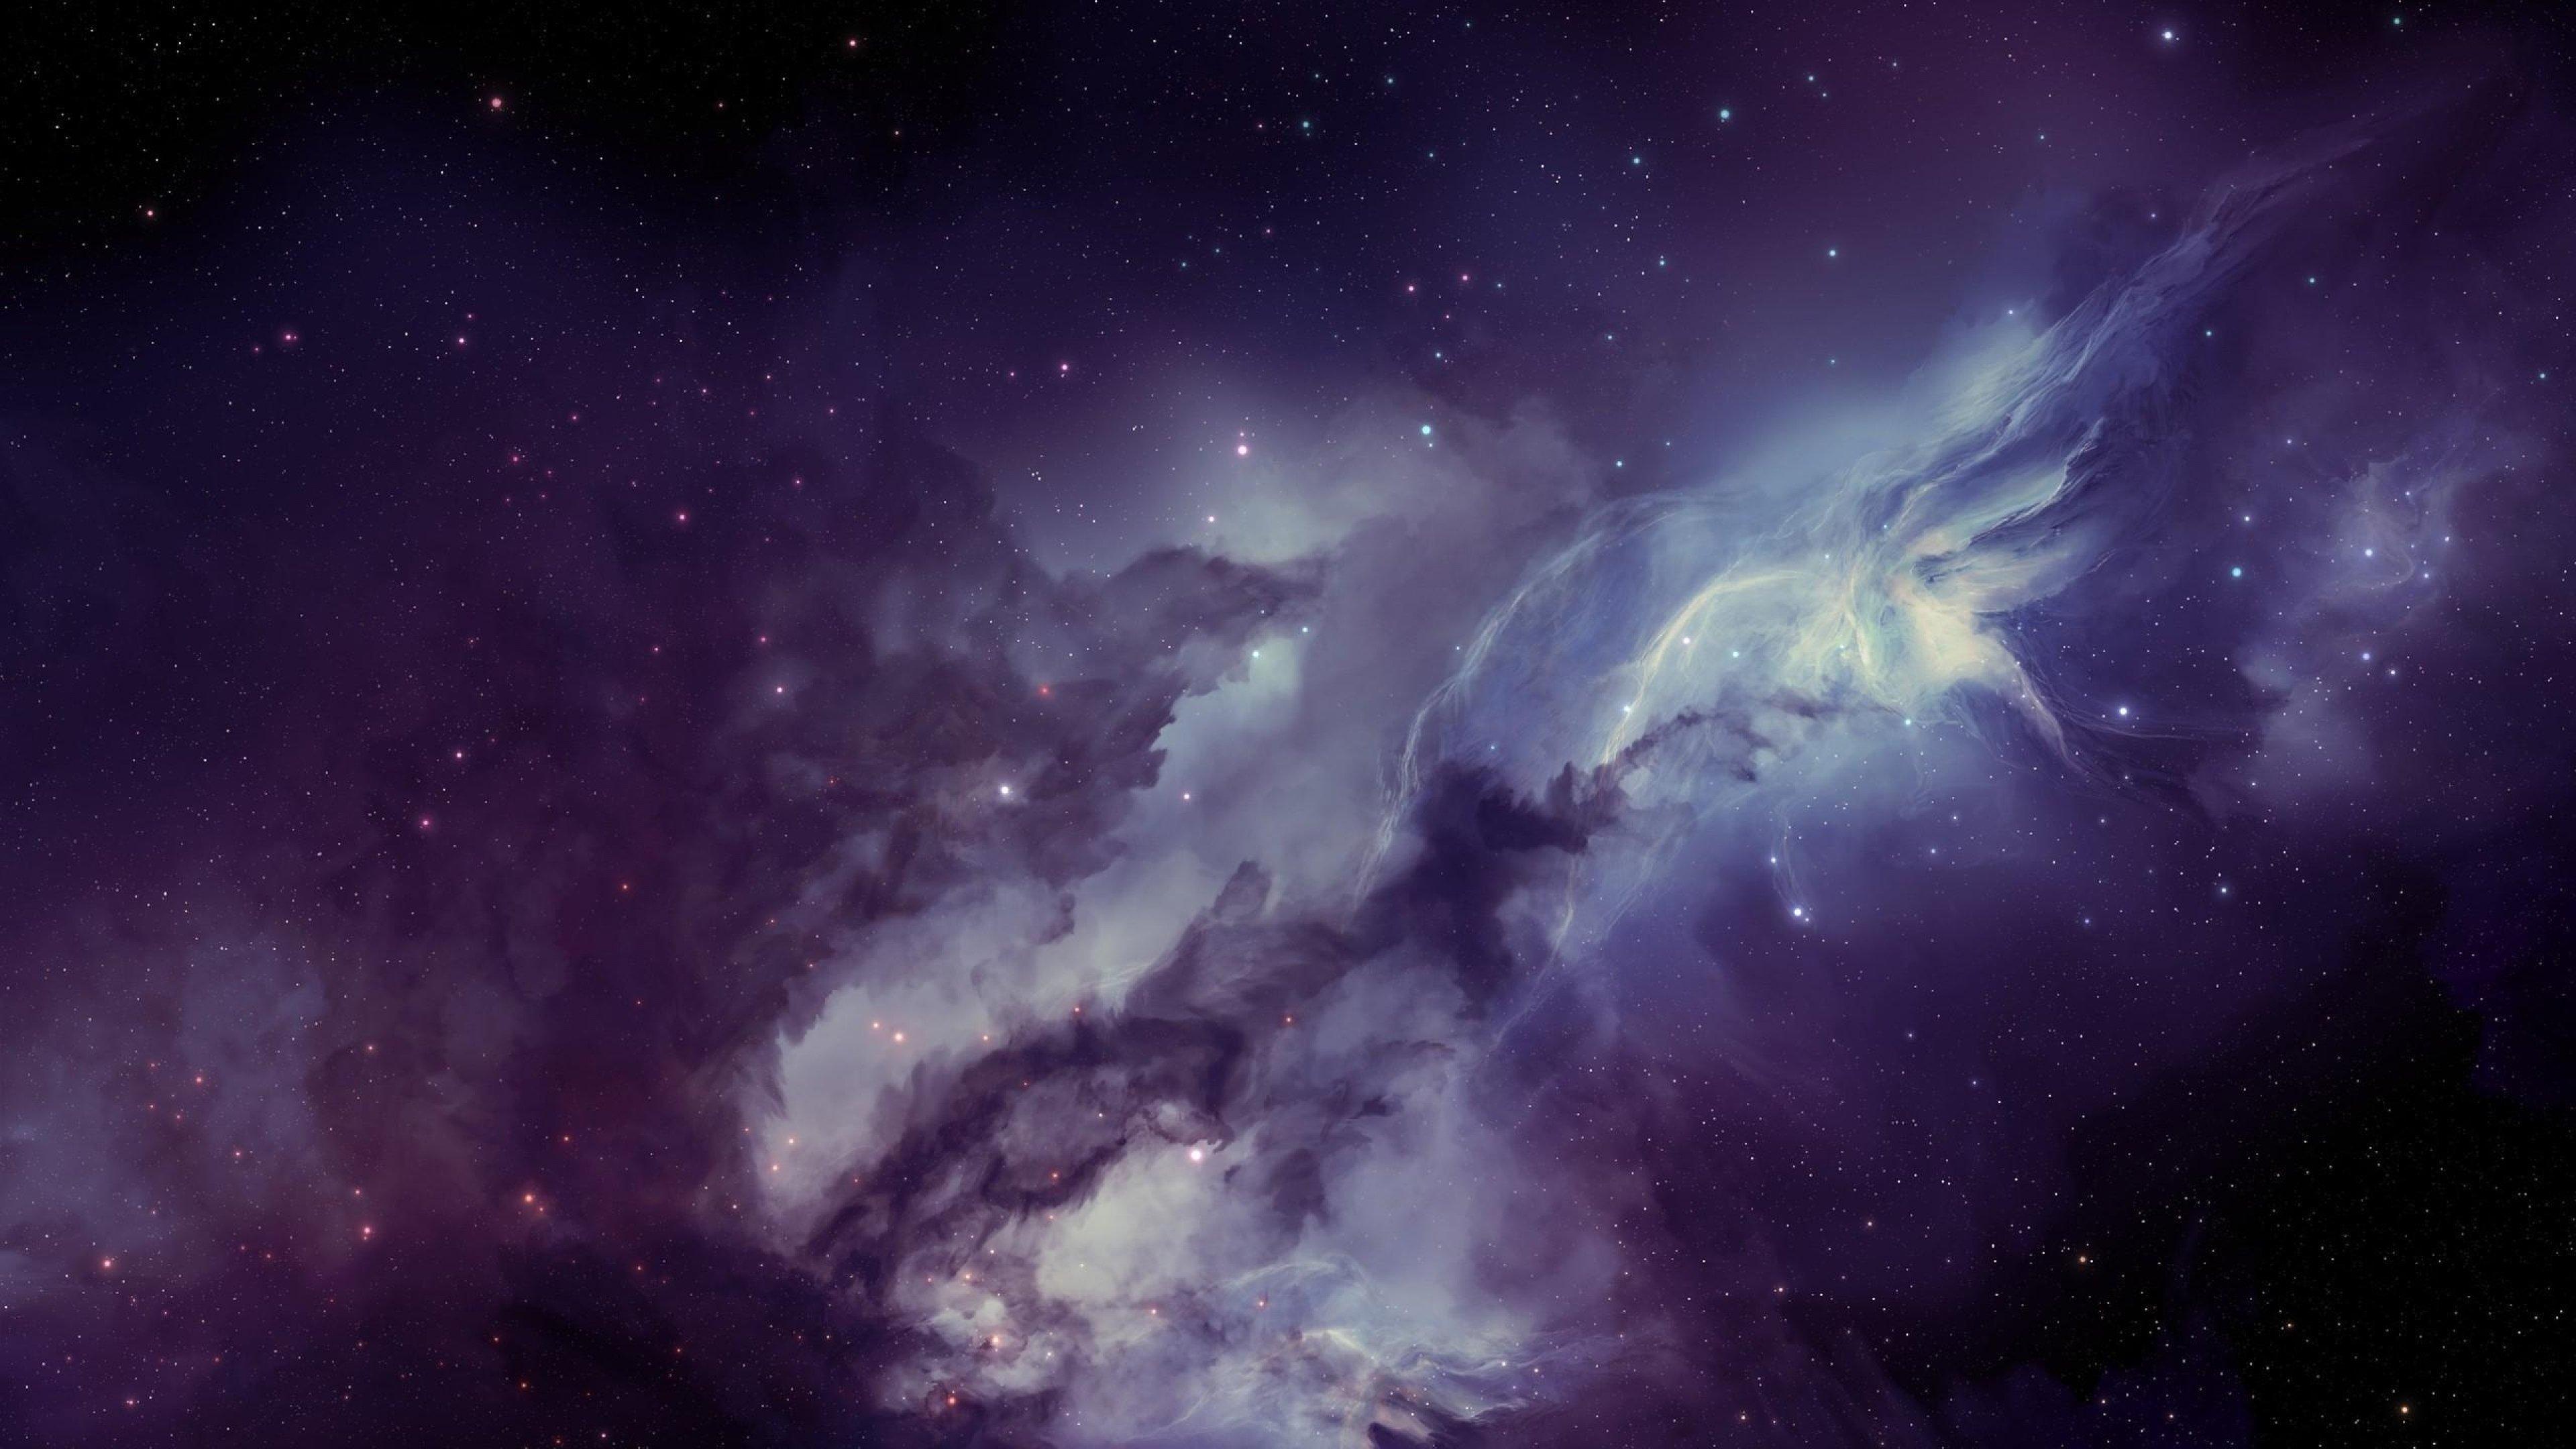 galaxy nebula blurring stars wallpaper